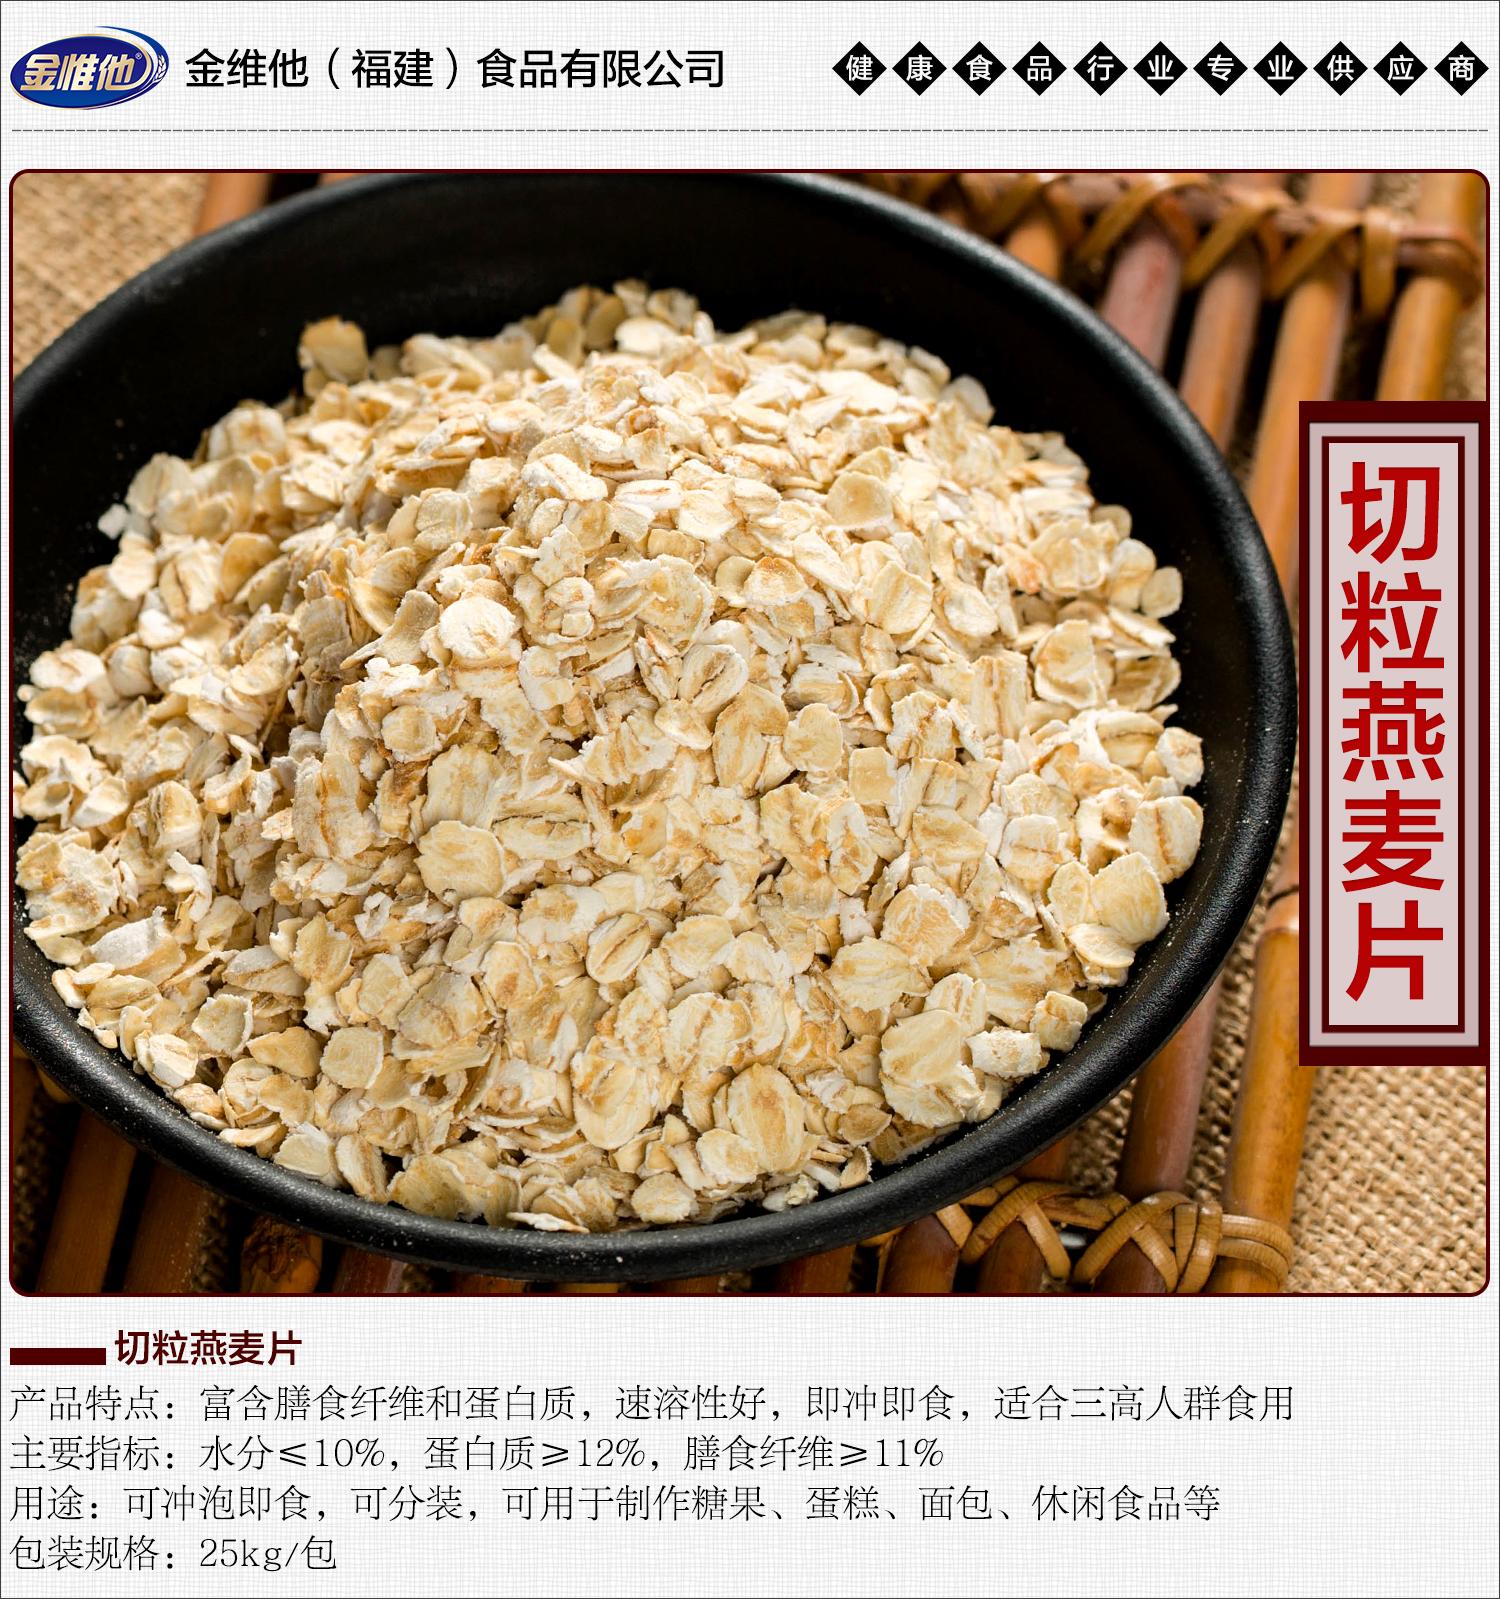 4-切粒燕麦片